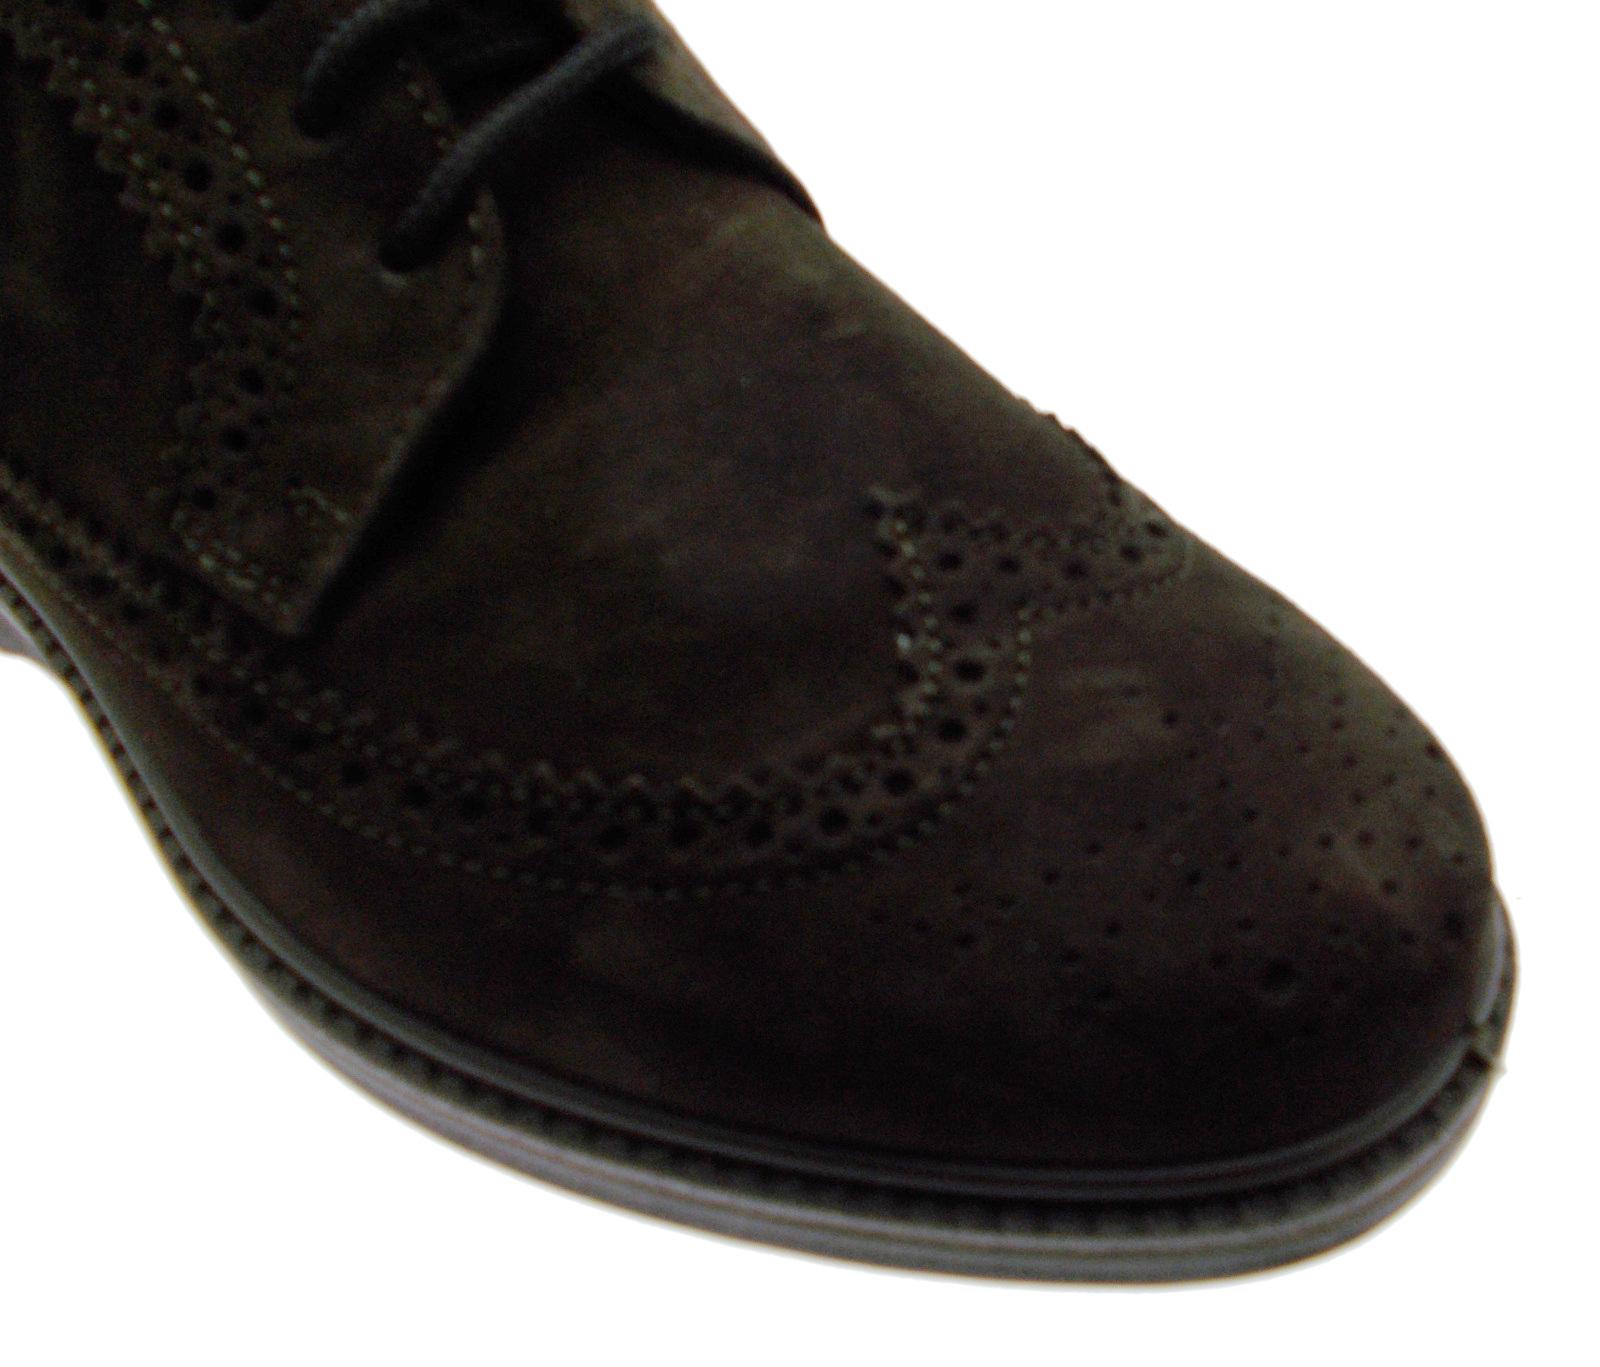 Dettagli su G0292 lacci inglese marrone scarpa uomo plantare ortopedica Loren